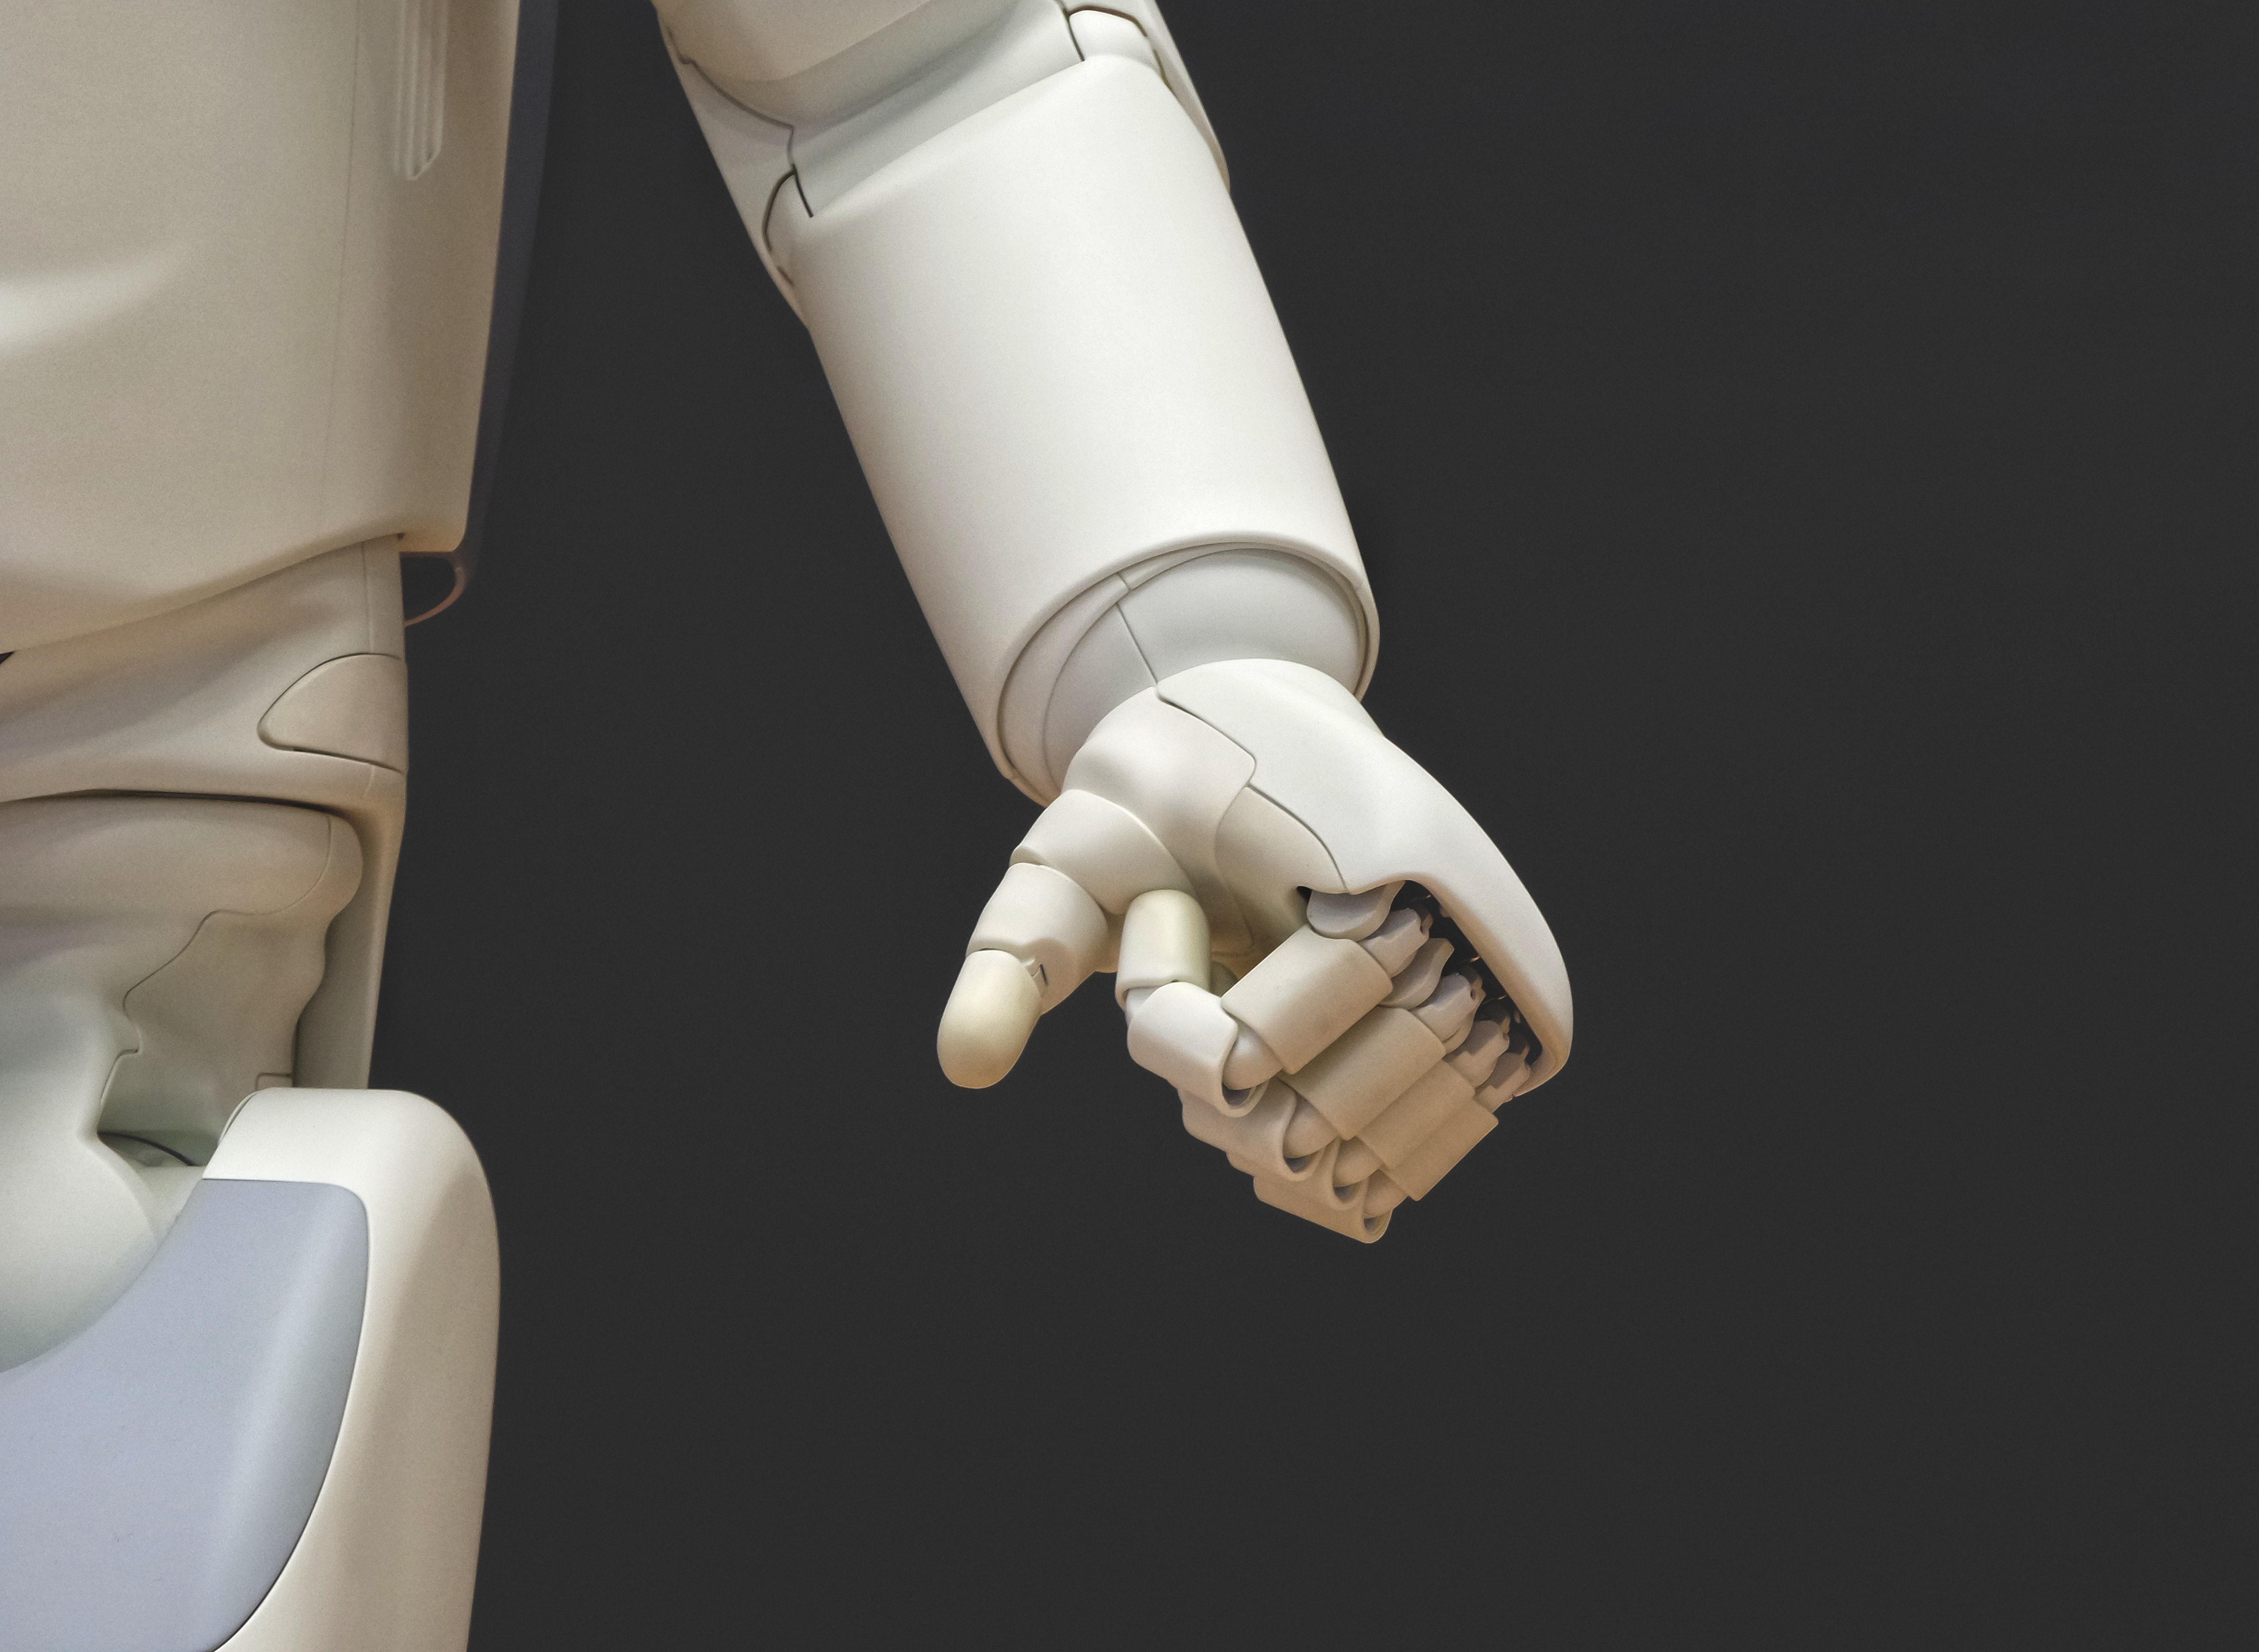 Le bras d'un robot